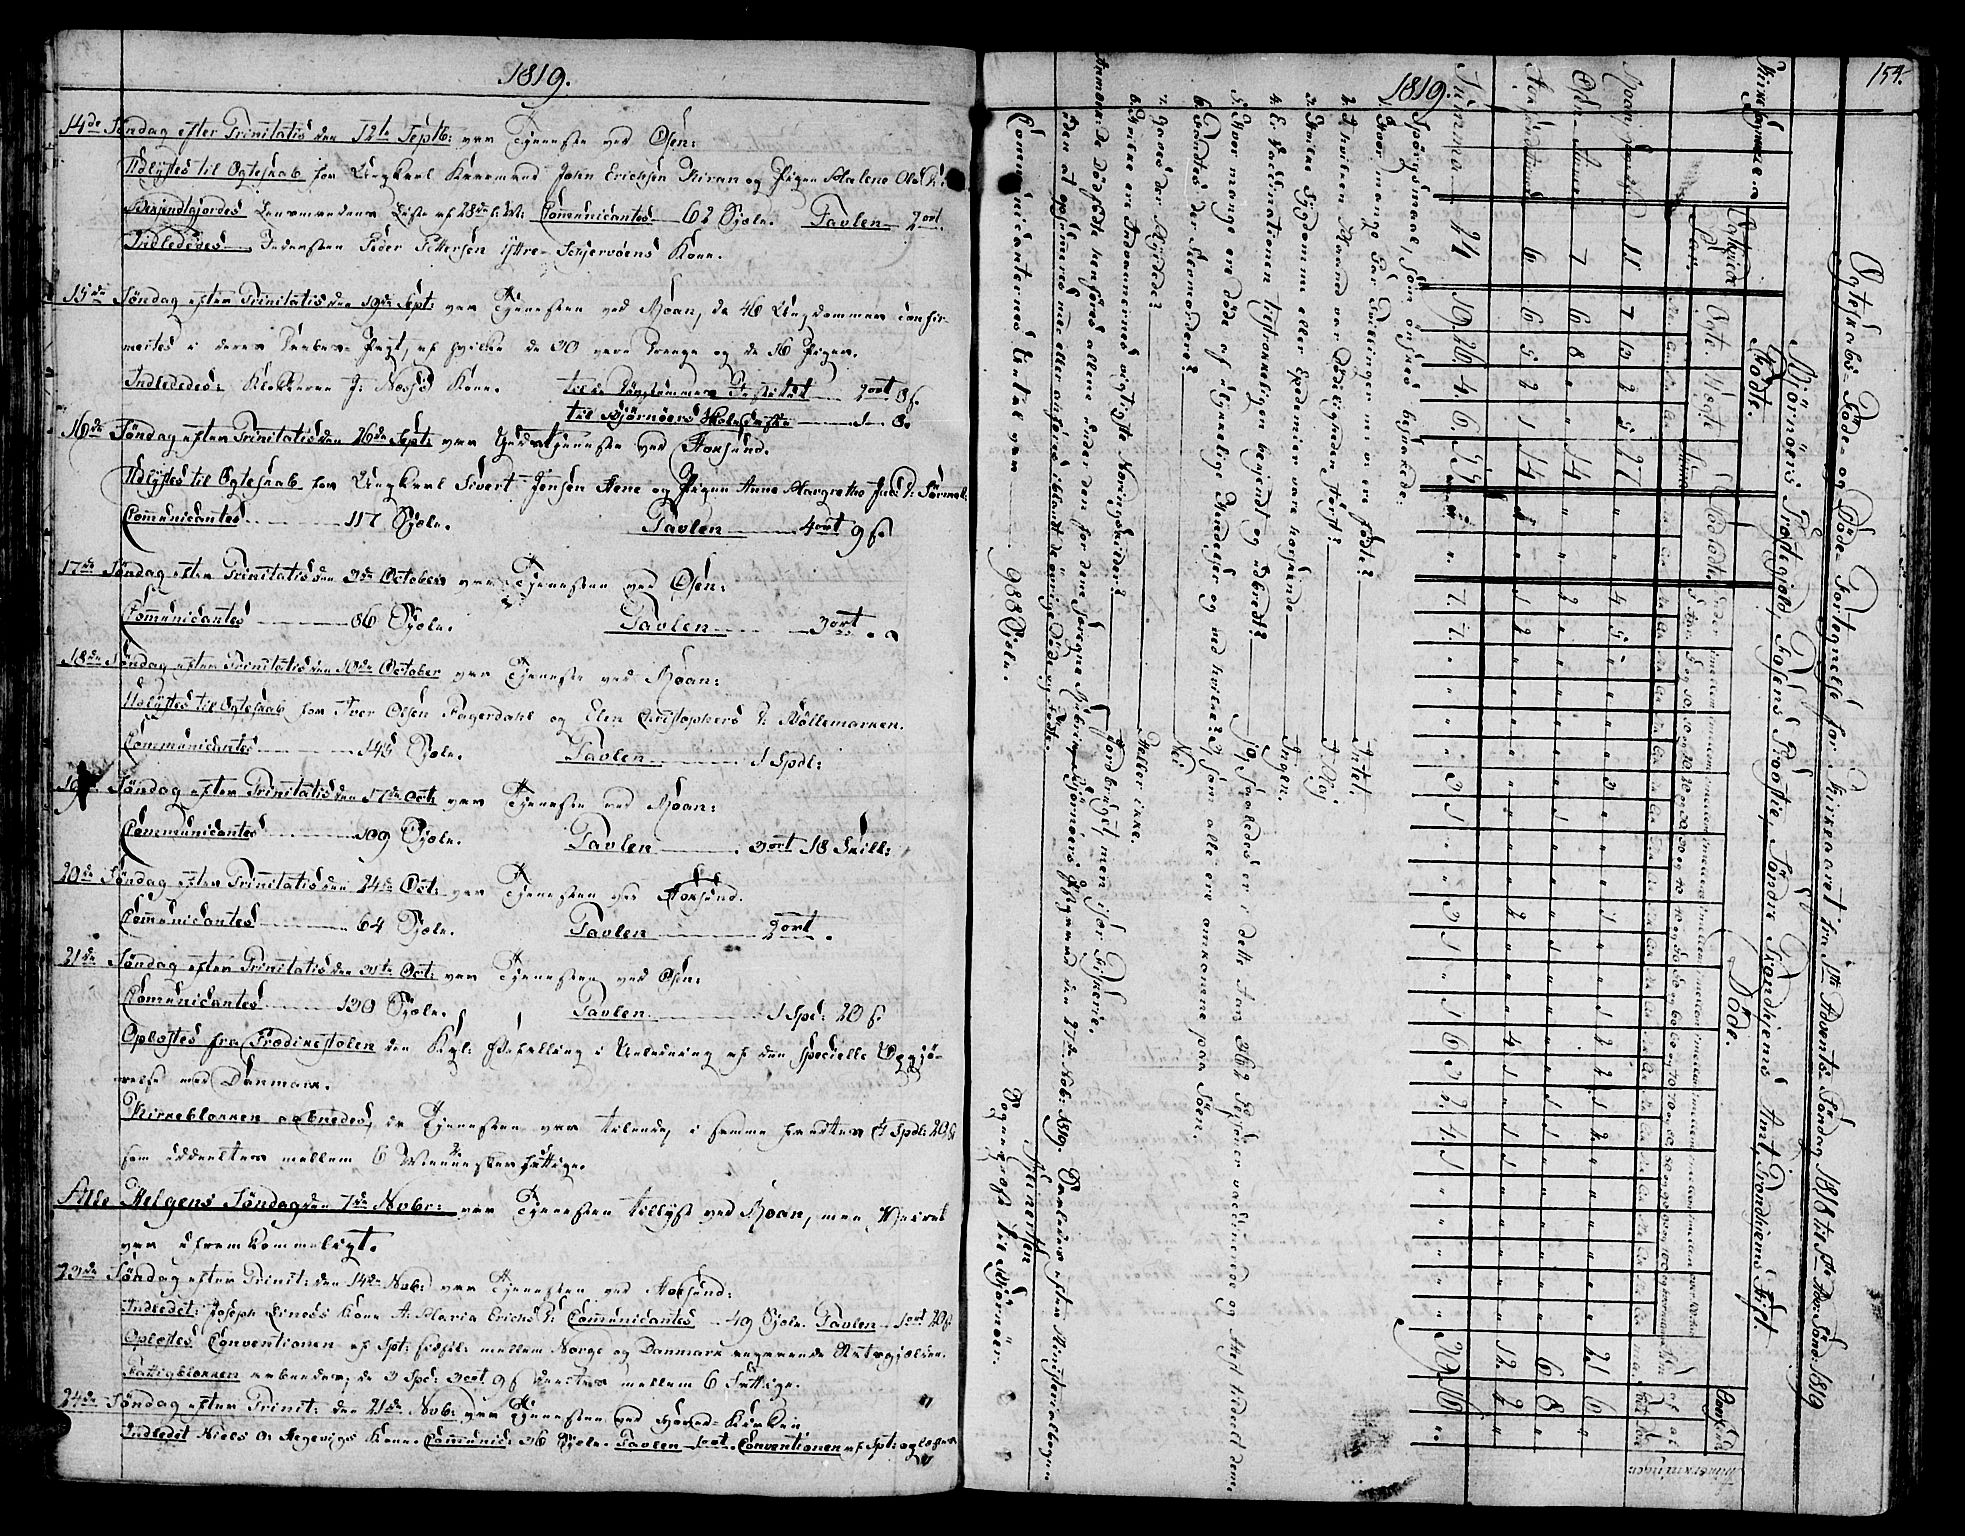 SAT, Ministerialprotokoller, klokkerbøker og fødselsregistre - Sør-Trøndelag, 657/L0701: Ministerialbok nr. 657A02, 1802-1831, s. 154